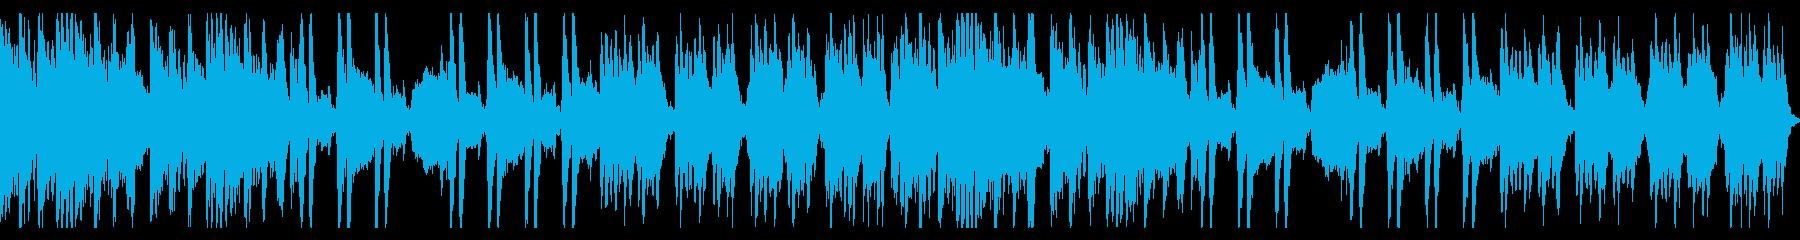 コミカルで魔法的テンポが速いオーケストラの再生済みの波形